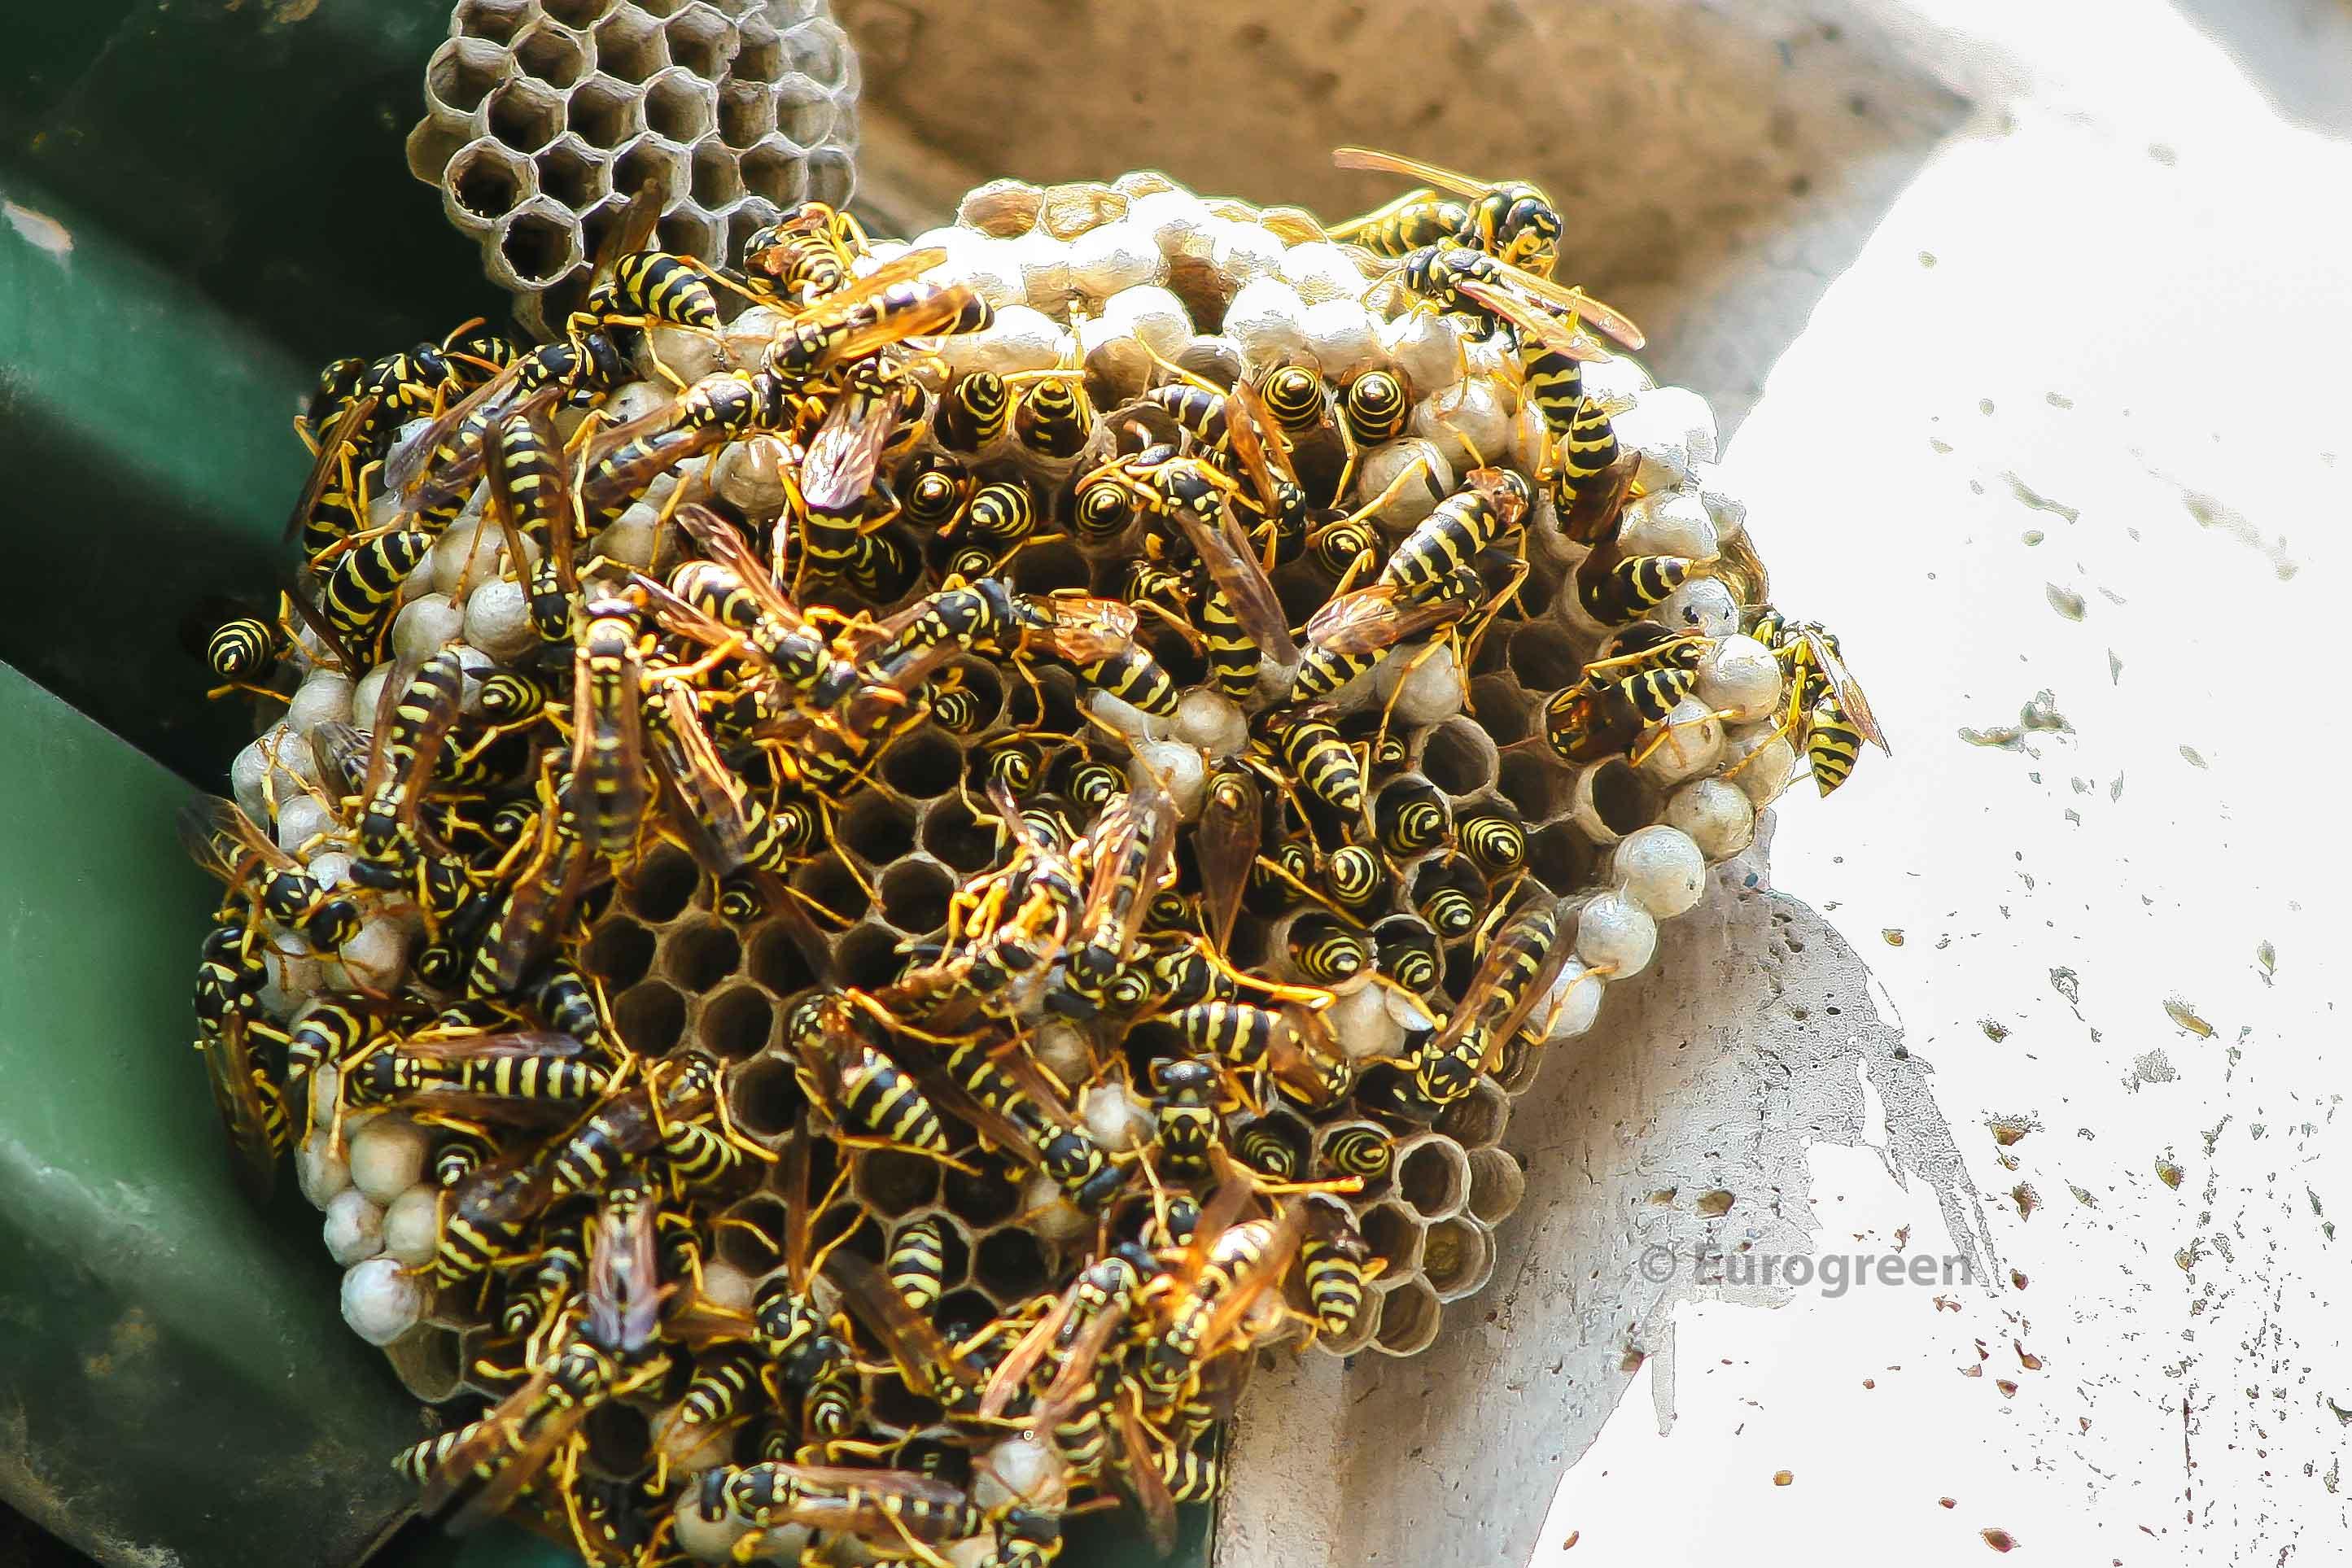 disinfestazione vespe e calabroni | chiama eurogreen